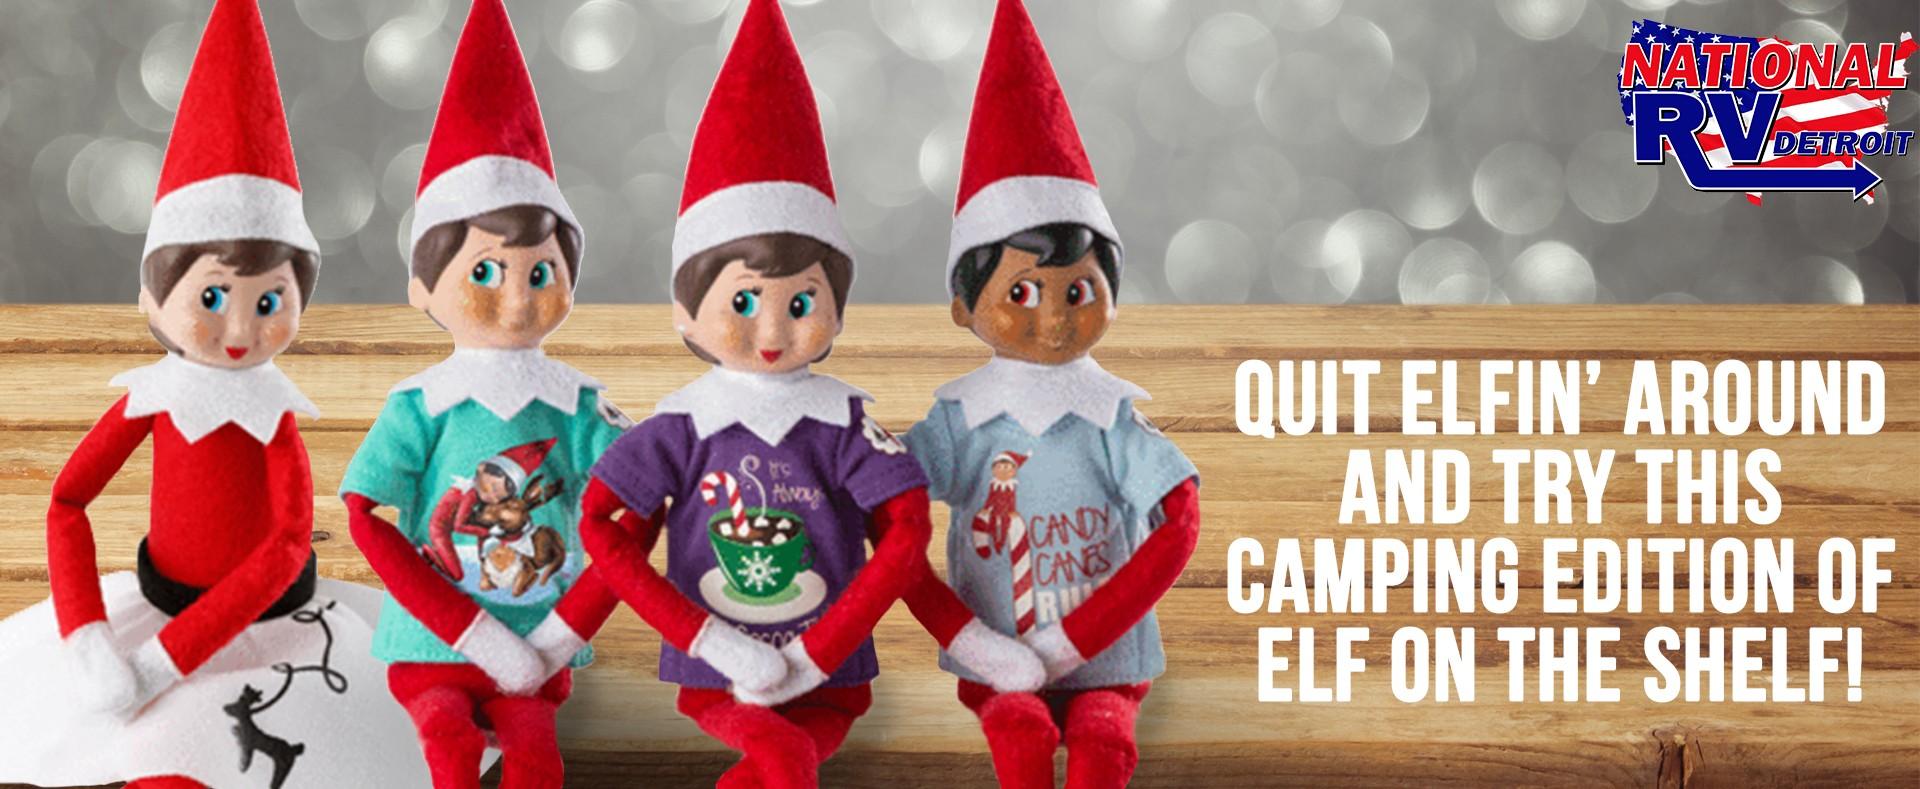 quit elfin around